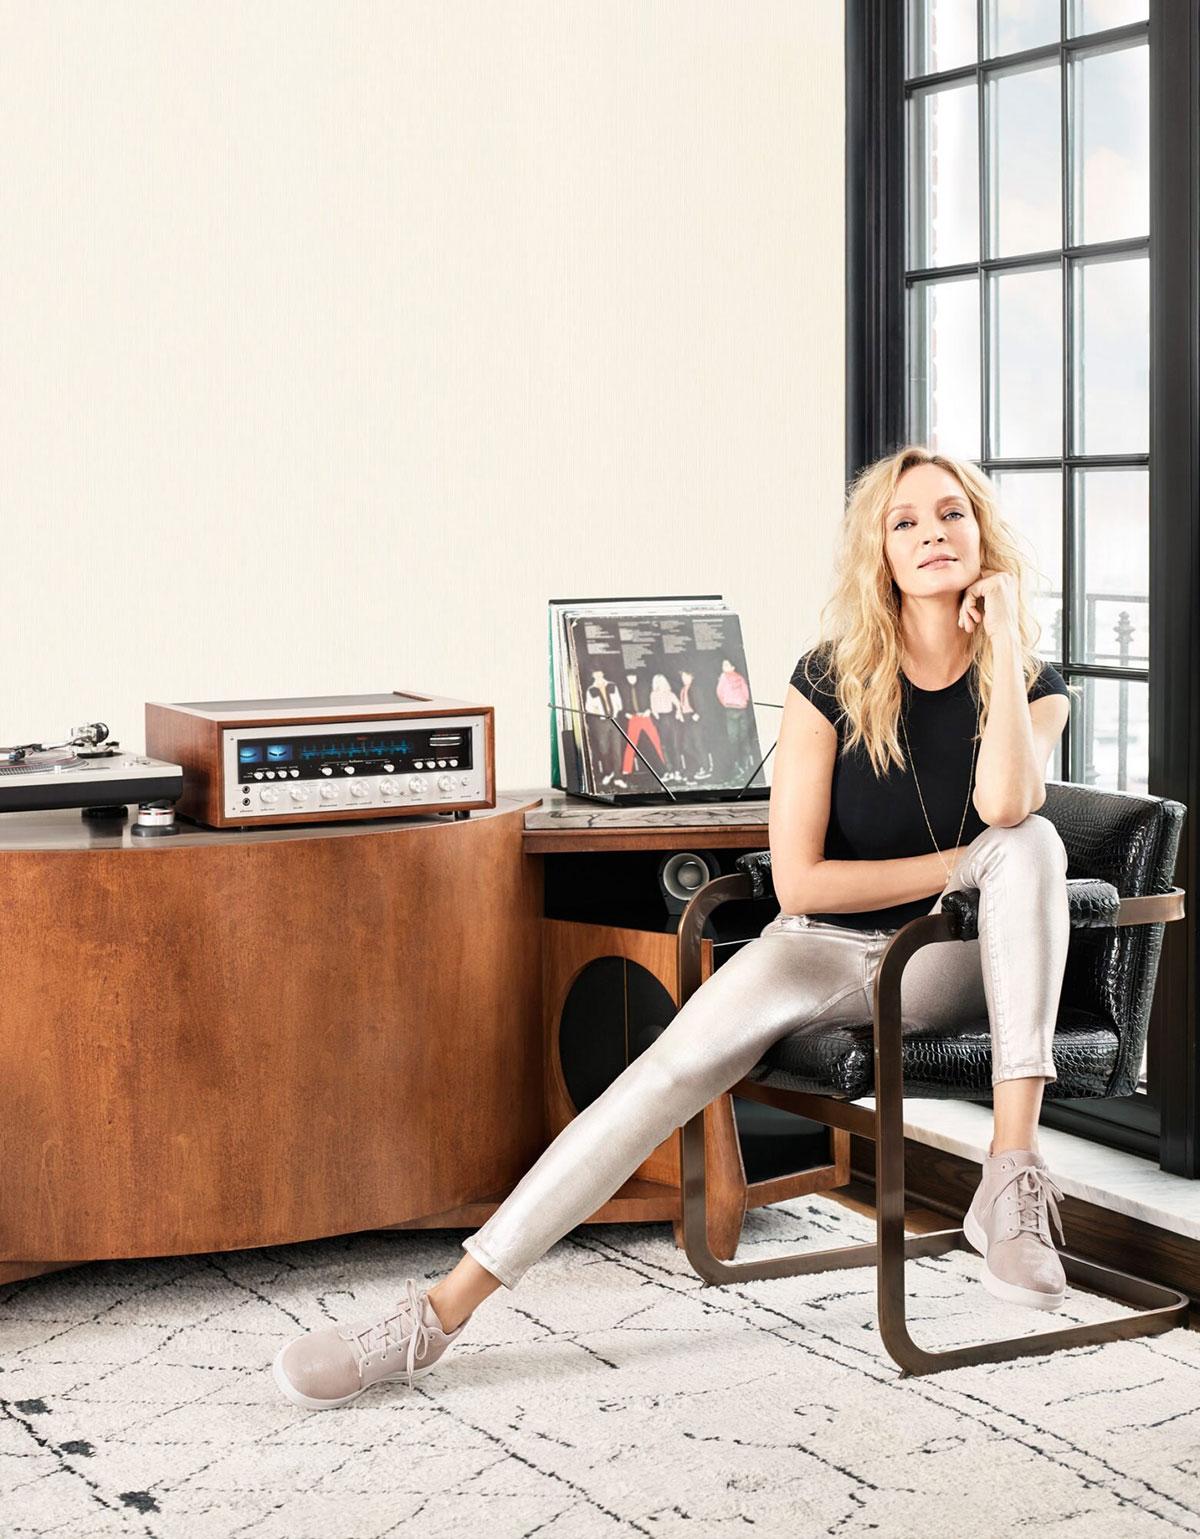 Marcia Kilgore đã làm gì để giúp FitFlop bán được 48 triệu đôi giày dép trên hơn 60 quốc gia?